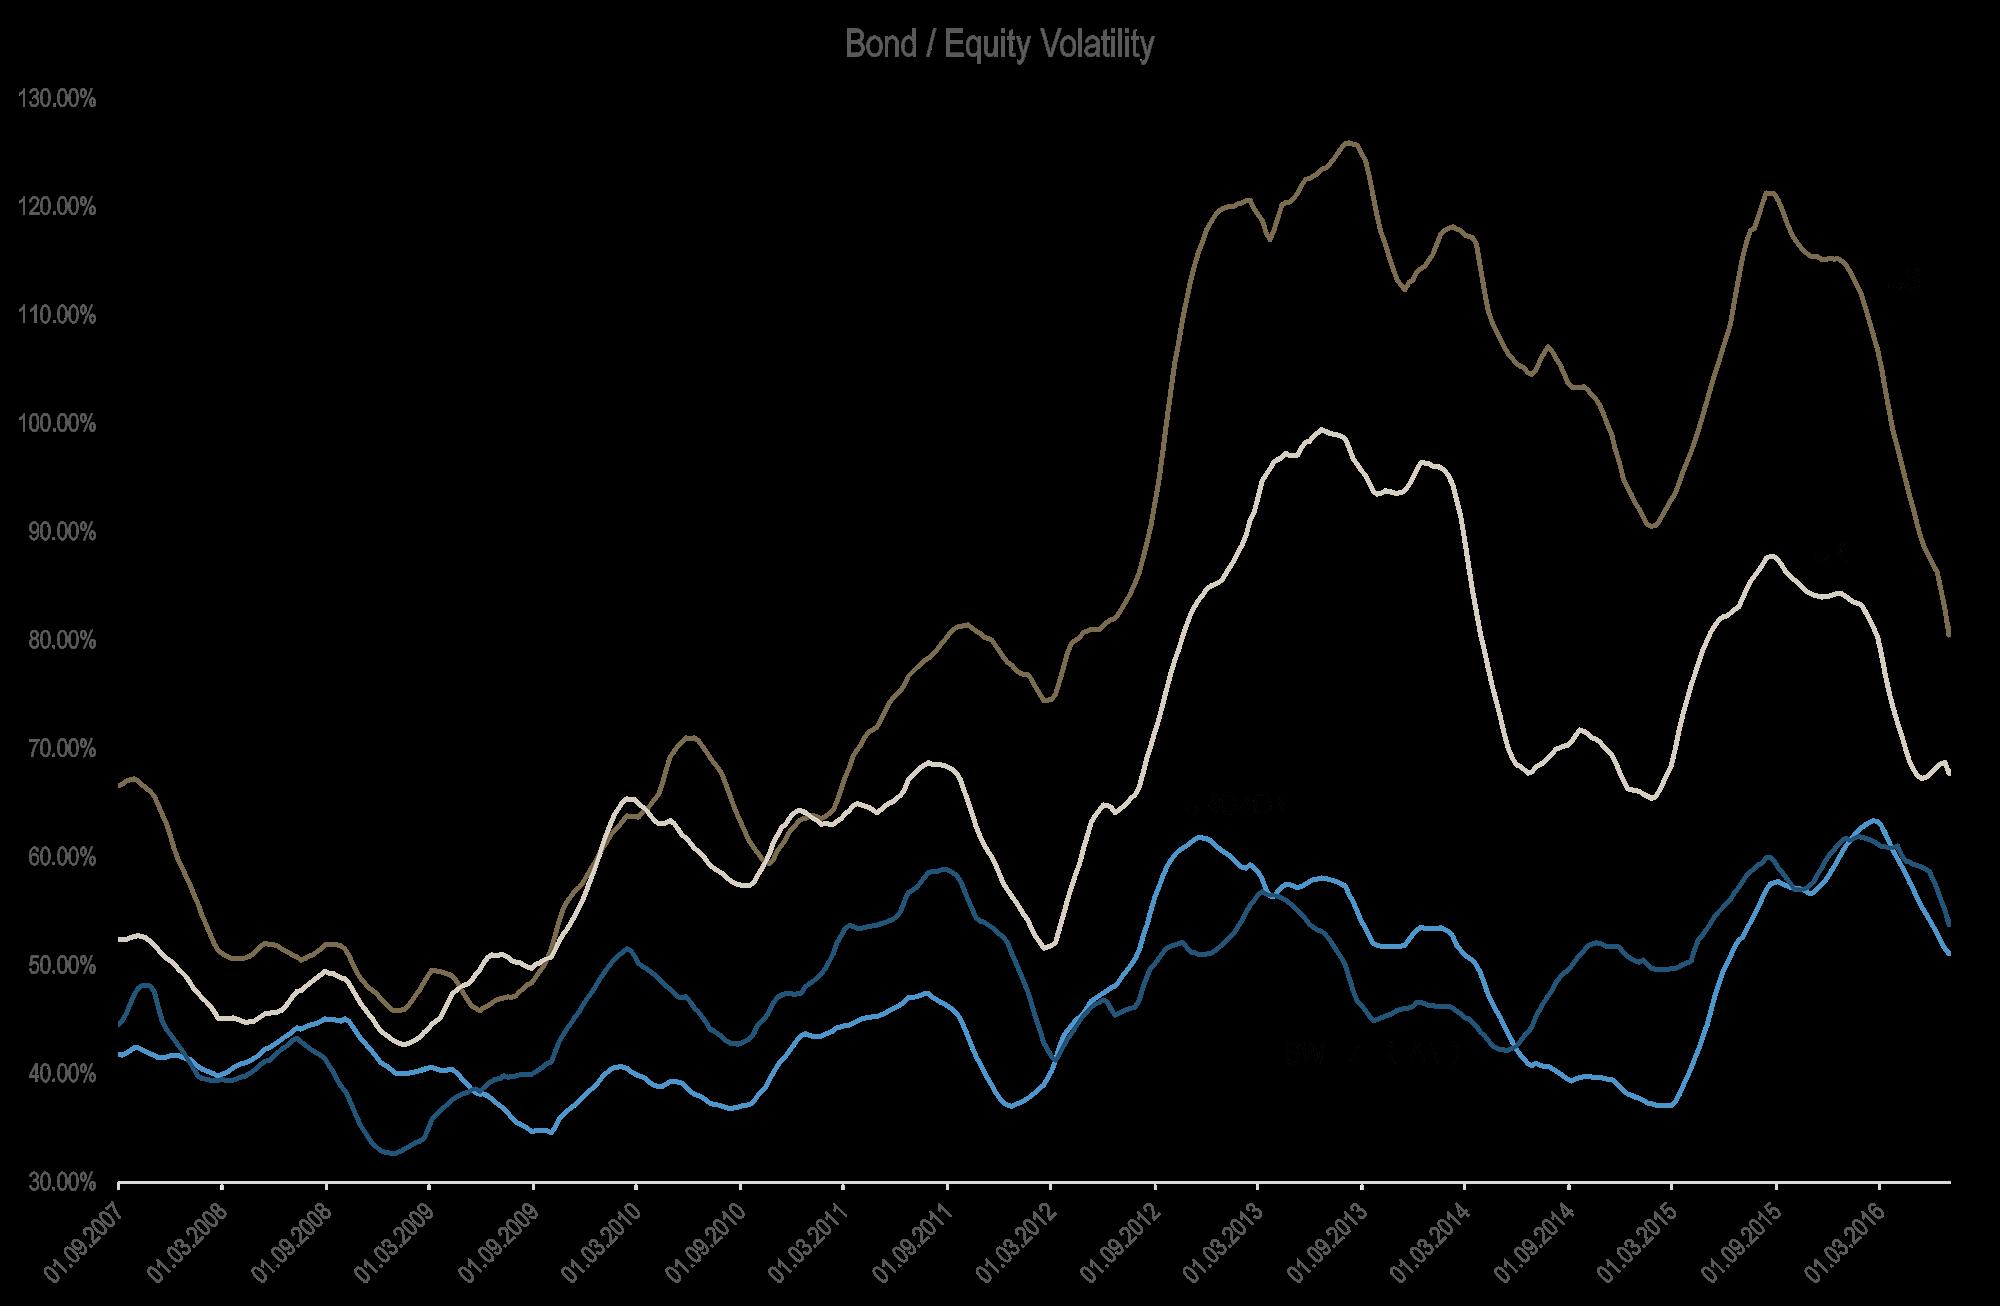 Bond Equity Volatility